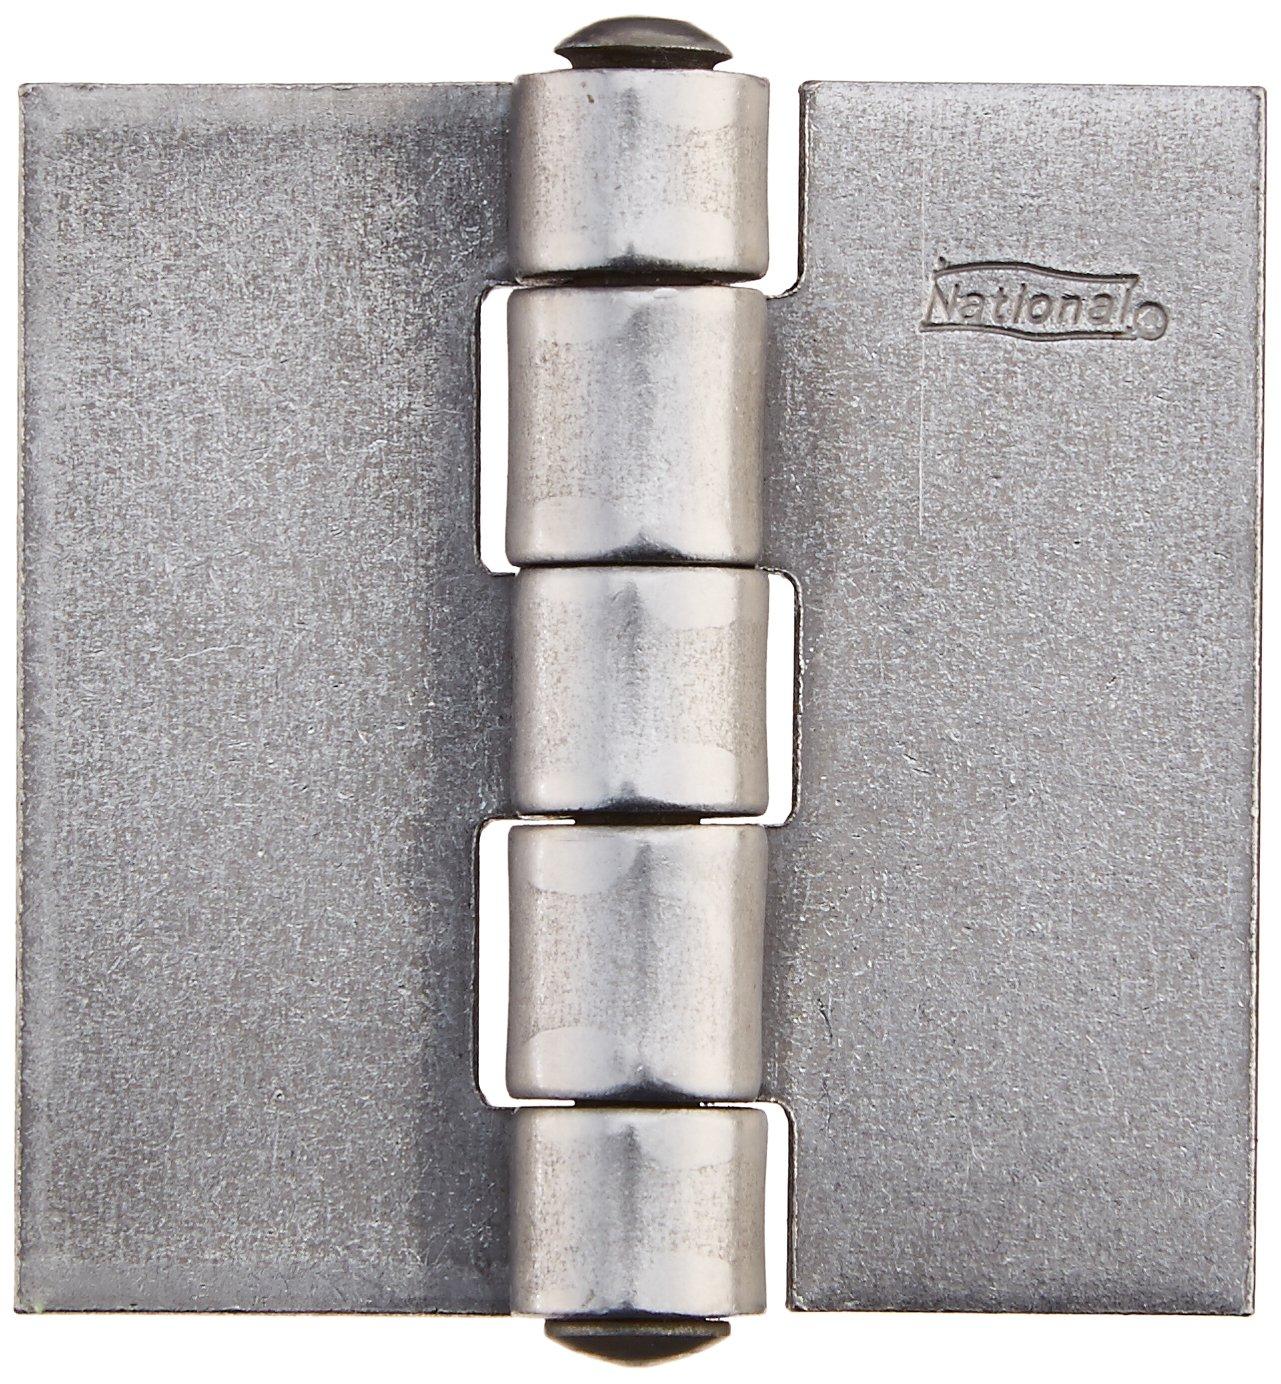 National Hardware B560 2 Door Hinge in Plain Steel